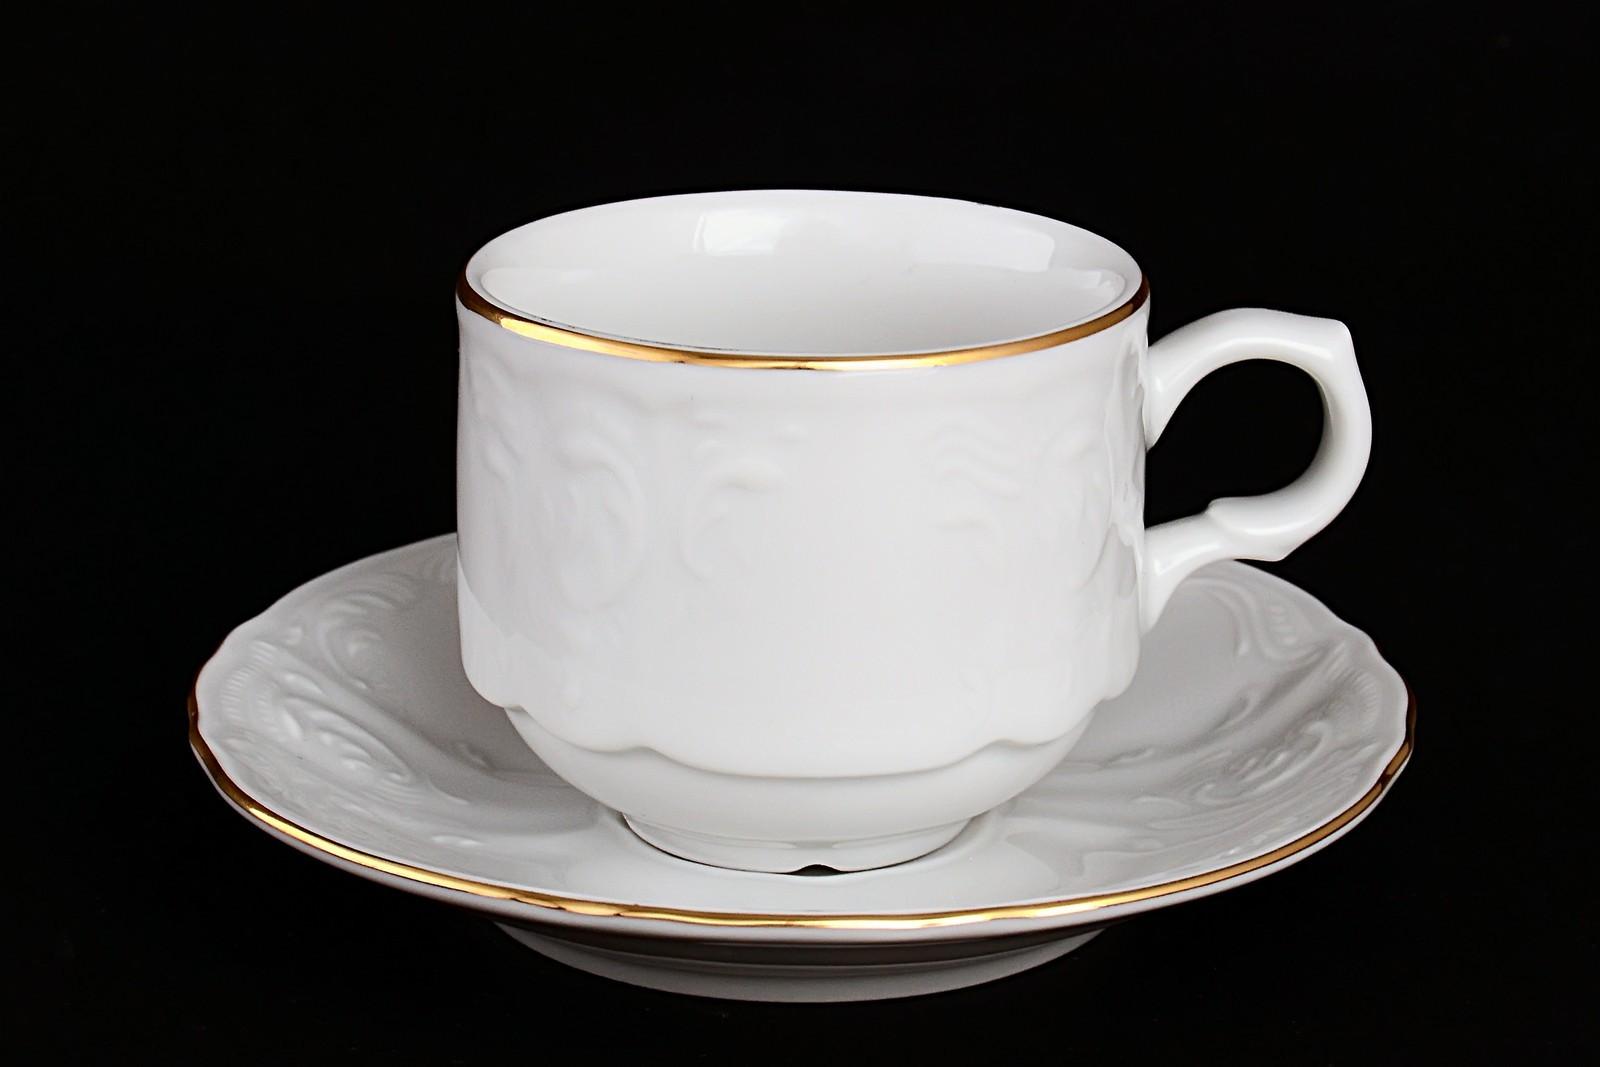 Набор кофейных пар Bernadott Белый узор, 10046, белый, 120 мл10046Бренд Вernadotte покорил ценителей фарфора классическими наборами, созданными по старинным технологиям.Эта посуда наиболее приспособлена для постоянного использования.Отели, рестораны, гостиницы высоко ценят её за высокие прочностные характеристики. Главной ценностью фарфора является его внешний вид — это белый материал, часто с красивой росписью. Благодаря тому, что материал может быть сравнительно тонким, посуда выглядит особенно изящной.